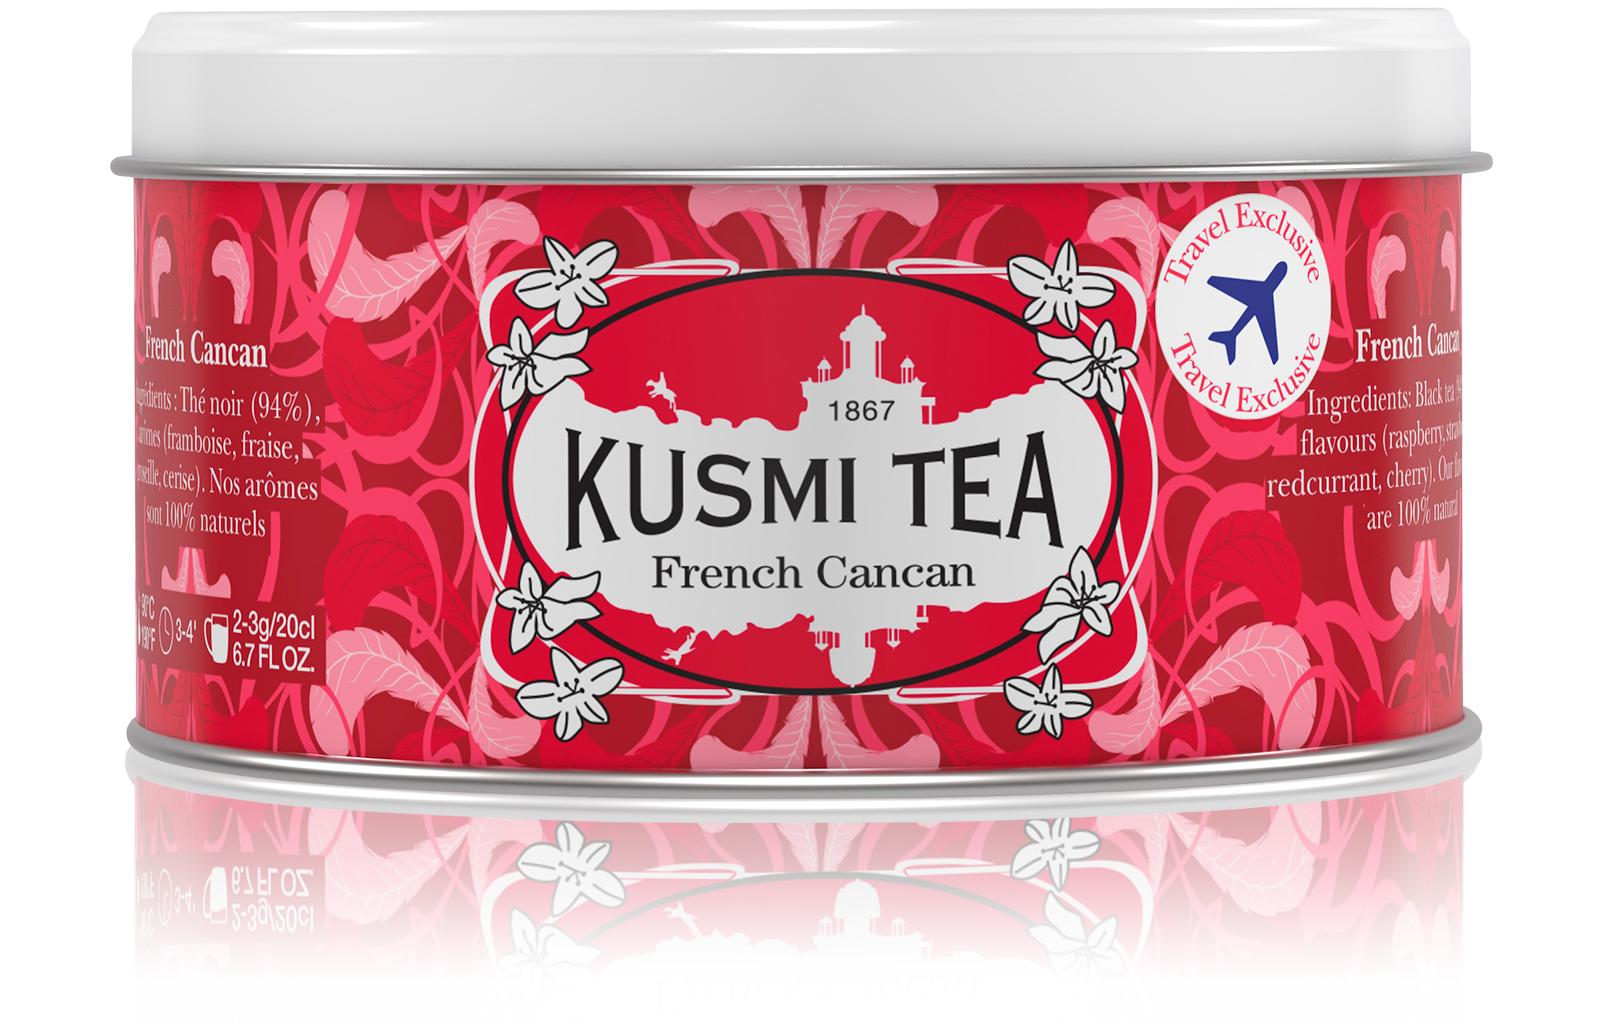 KUSMI TEA French Cancan - Thé noir, fruits rouges - Boîte de thé en vrac - Kusmi Tea